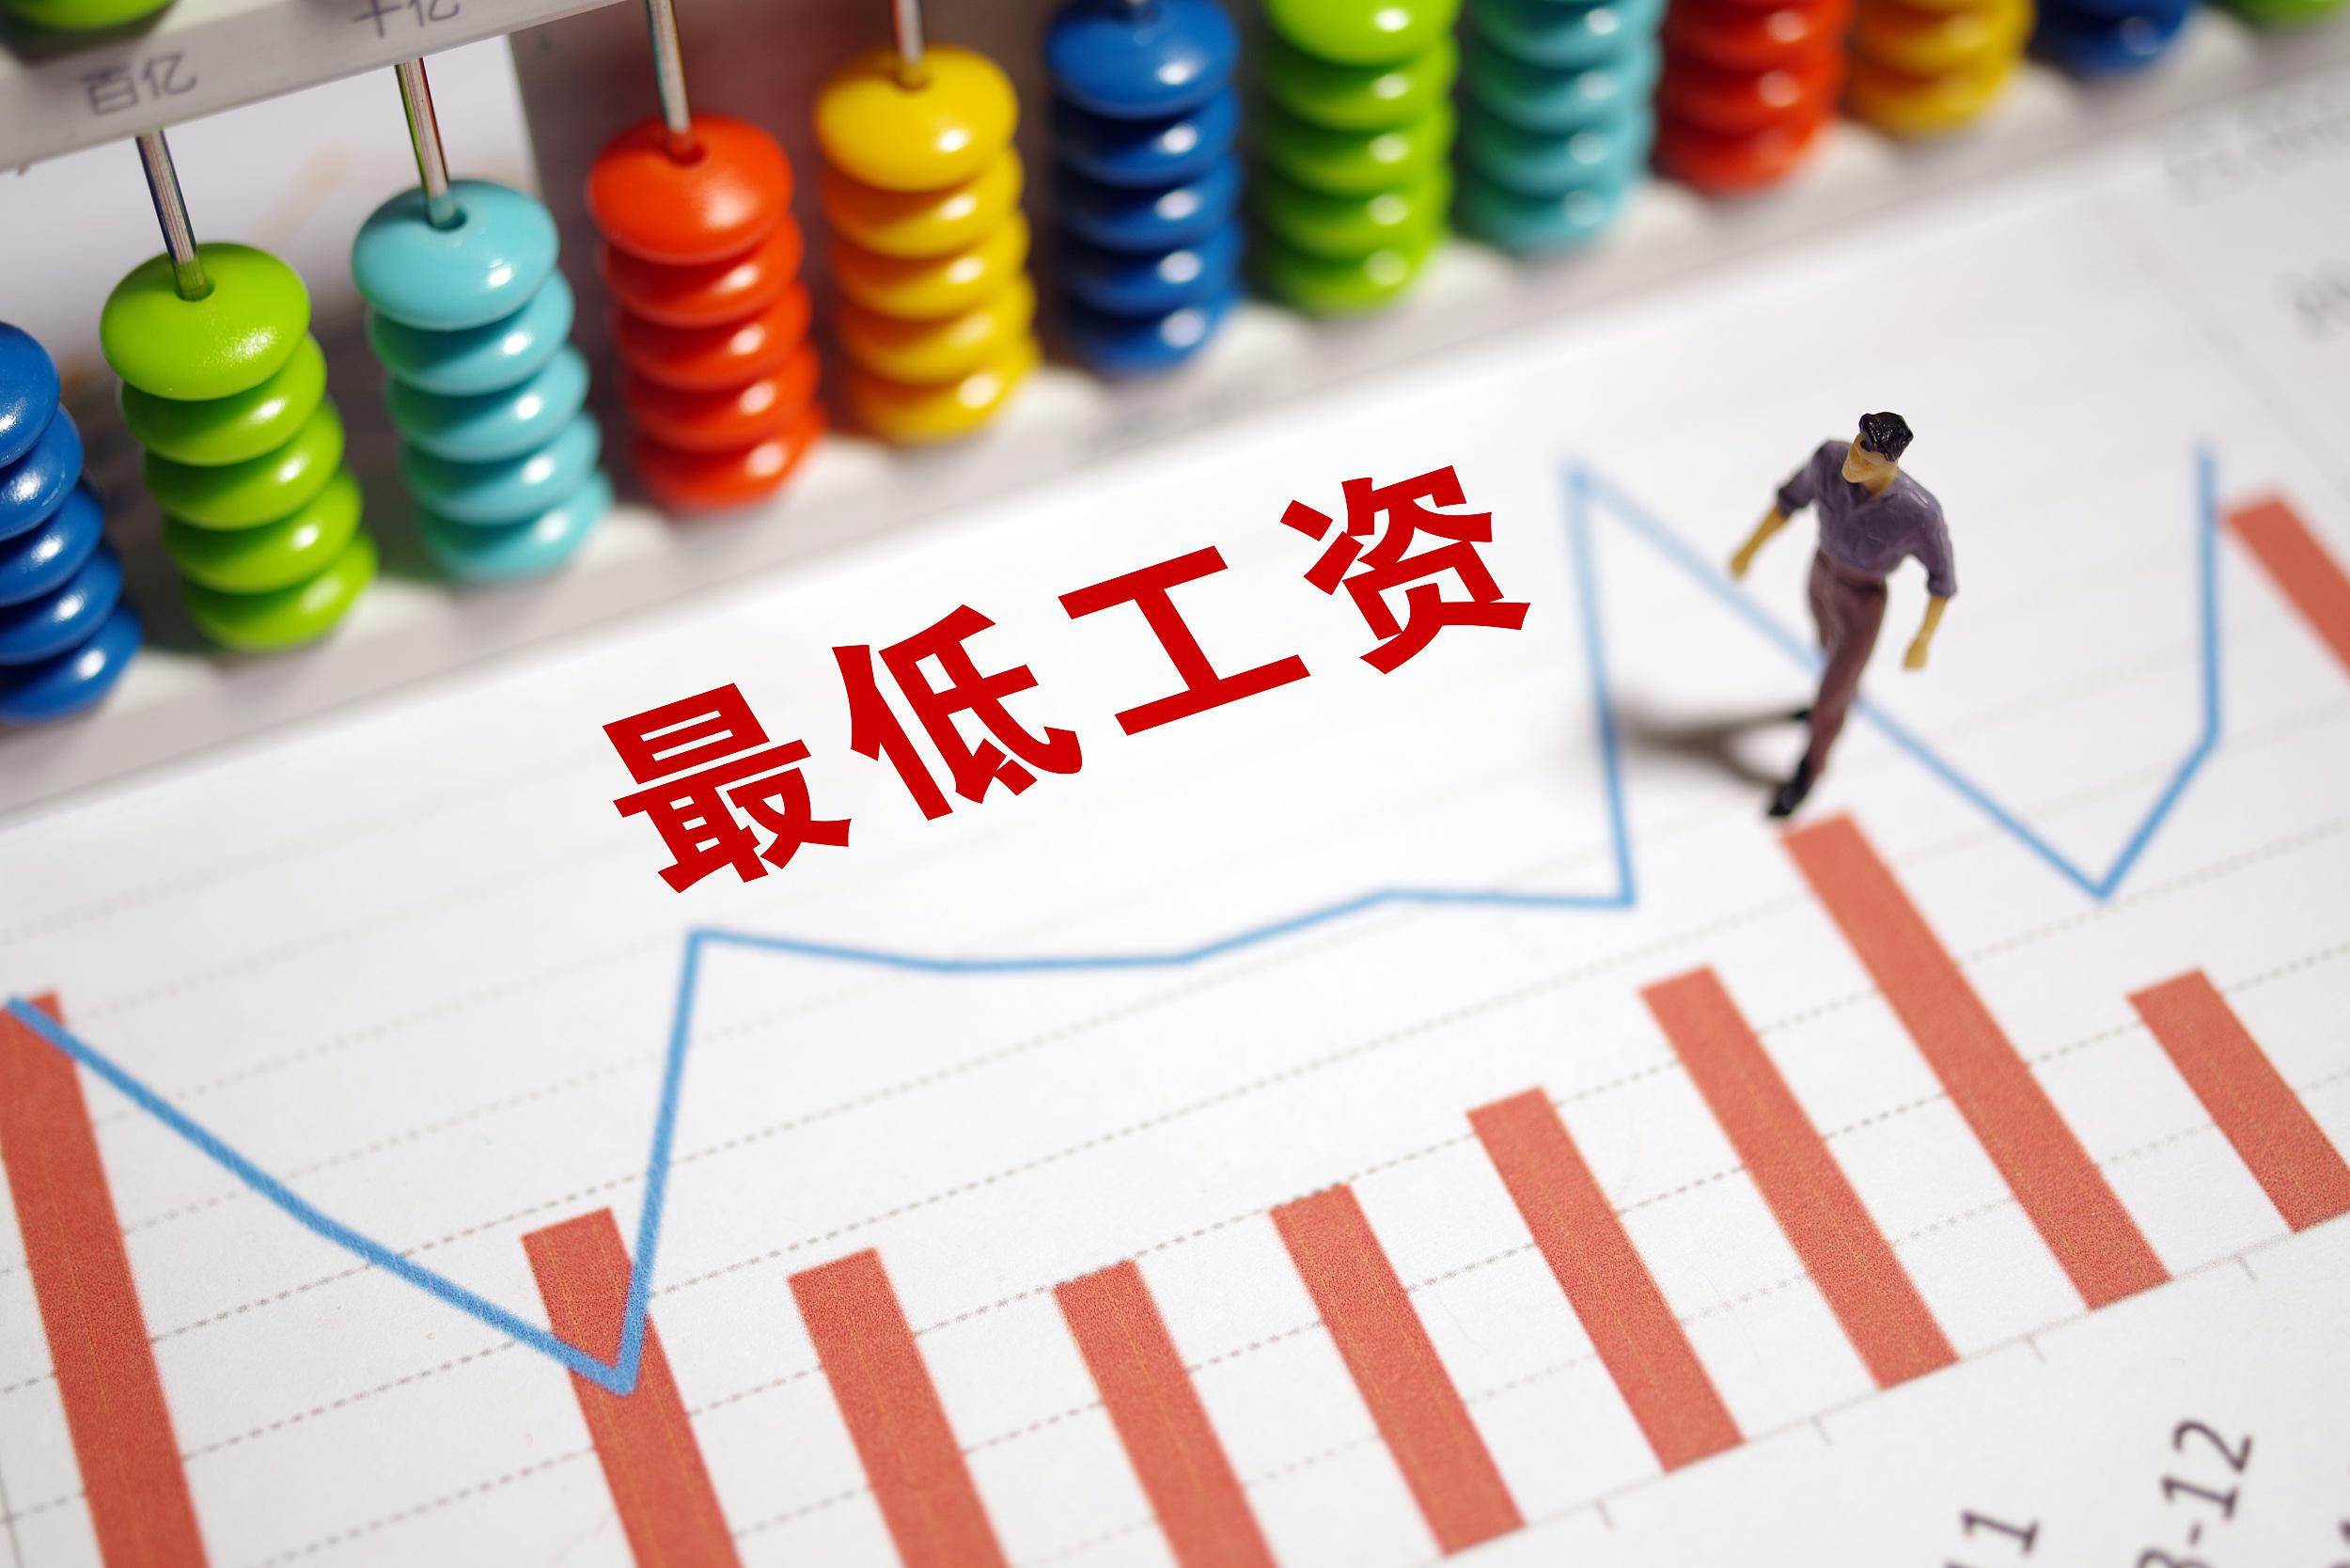 圖片來源:視覺中國